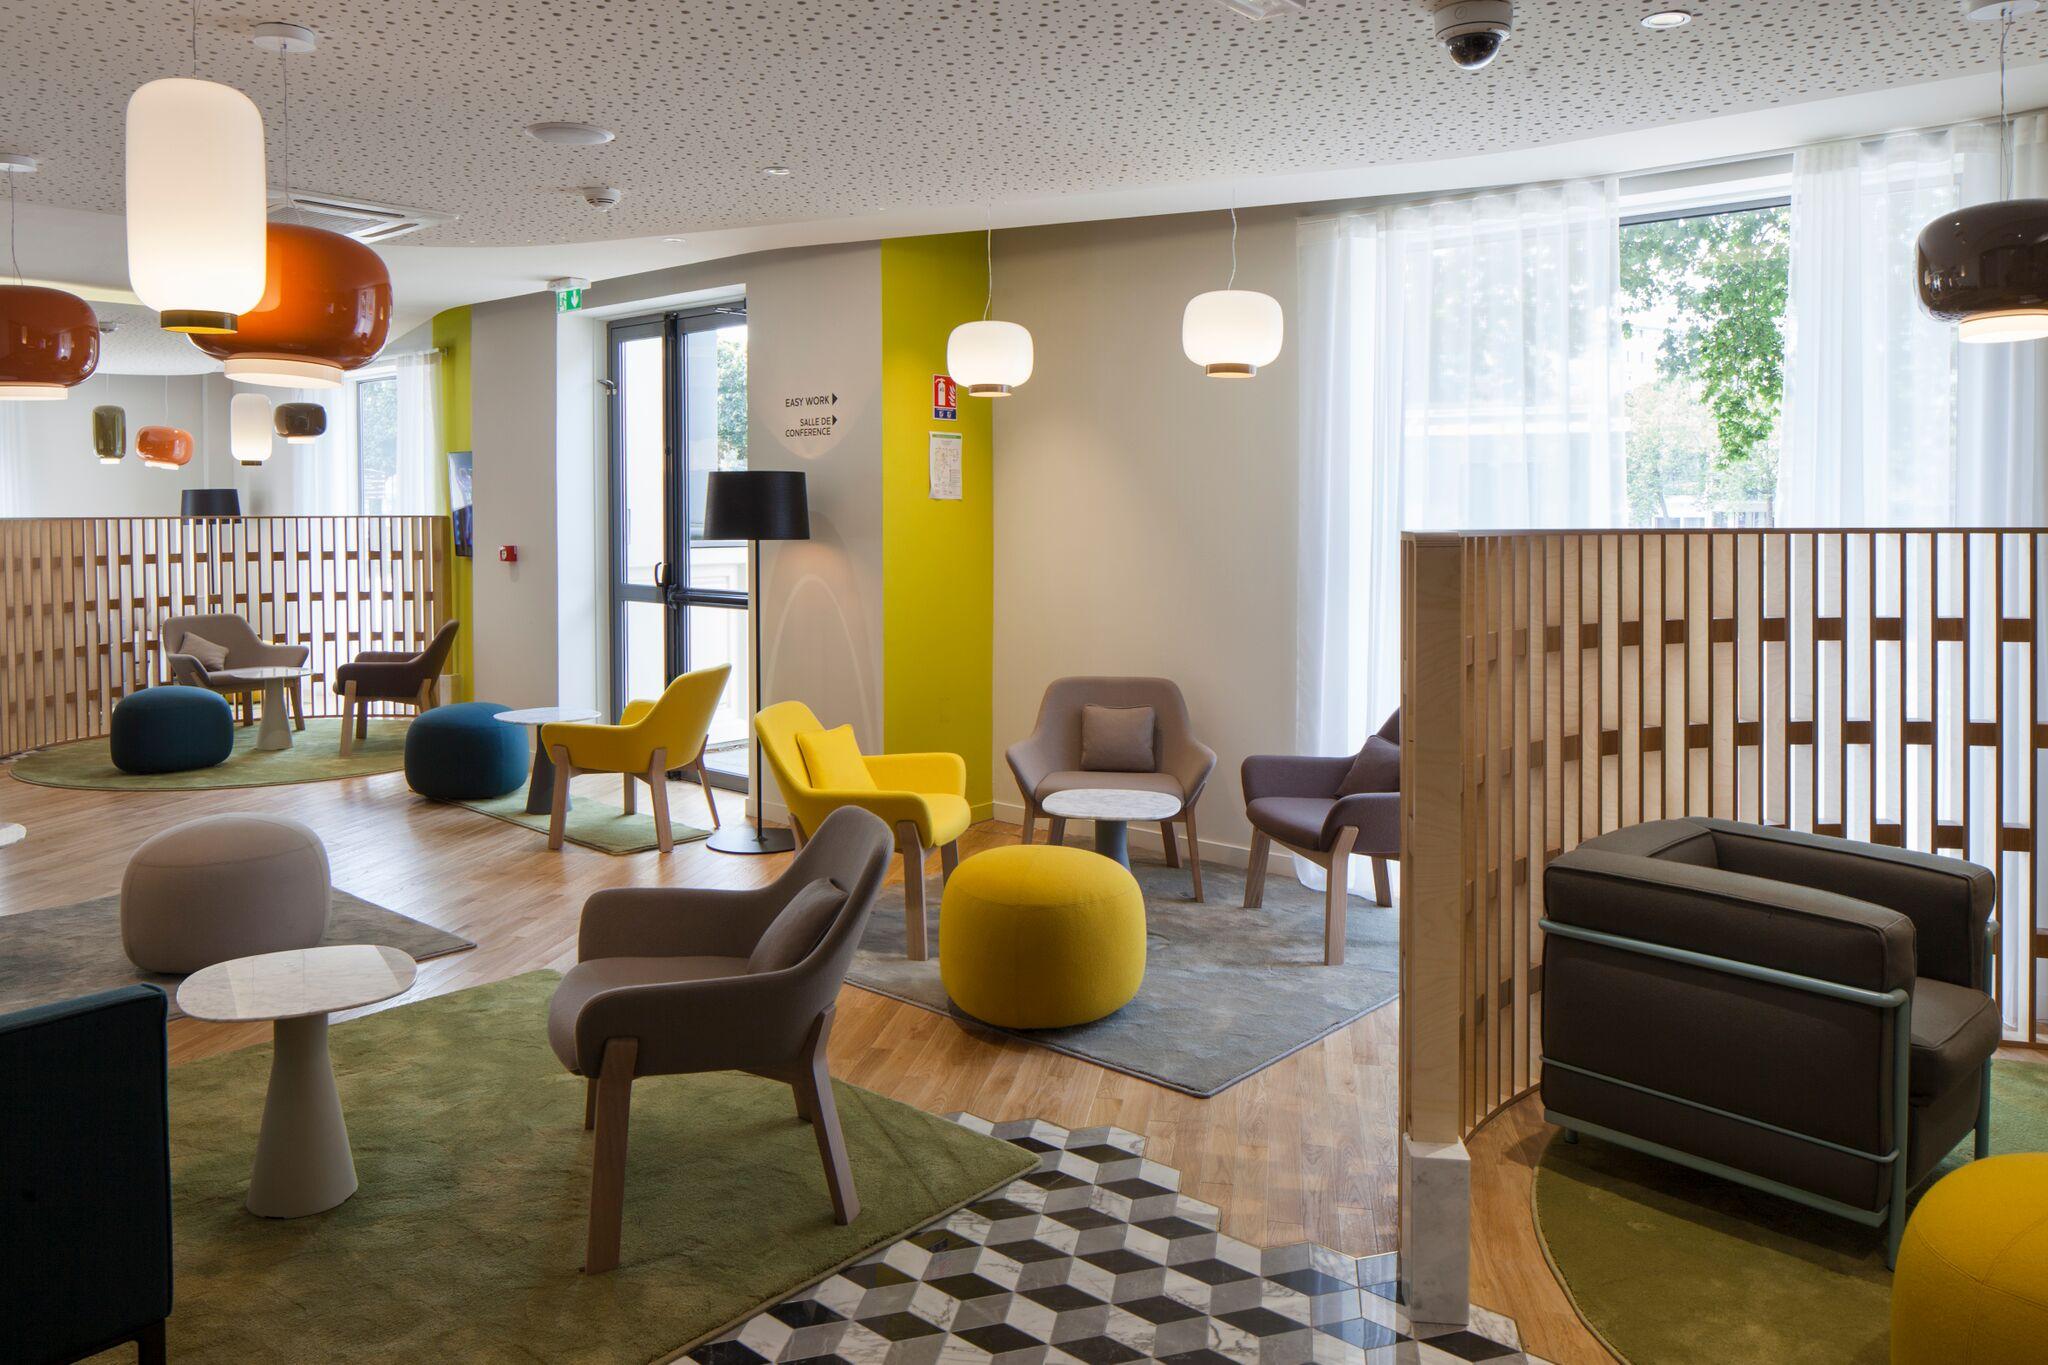 Hotel mercure centre gare nantes magazine idile 24